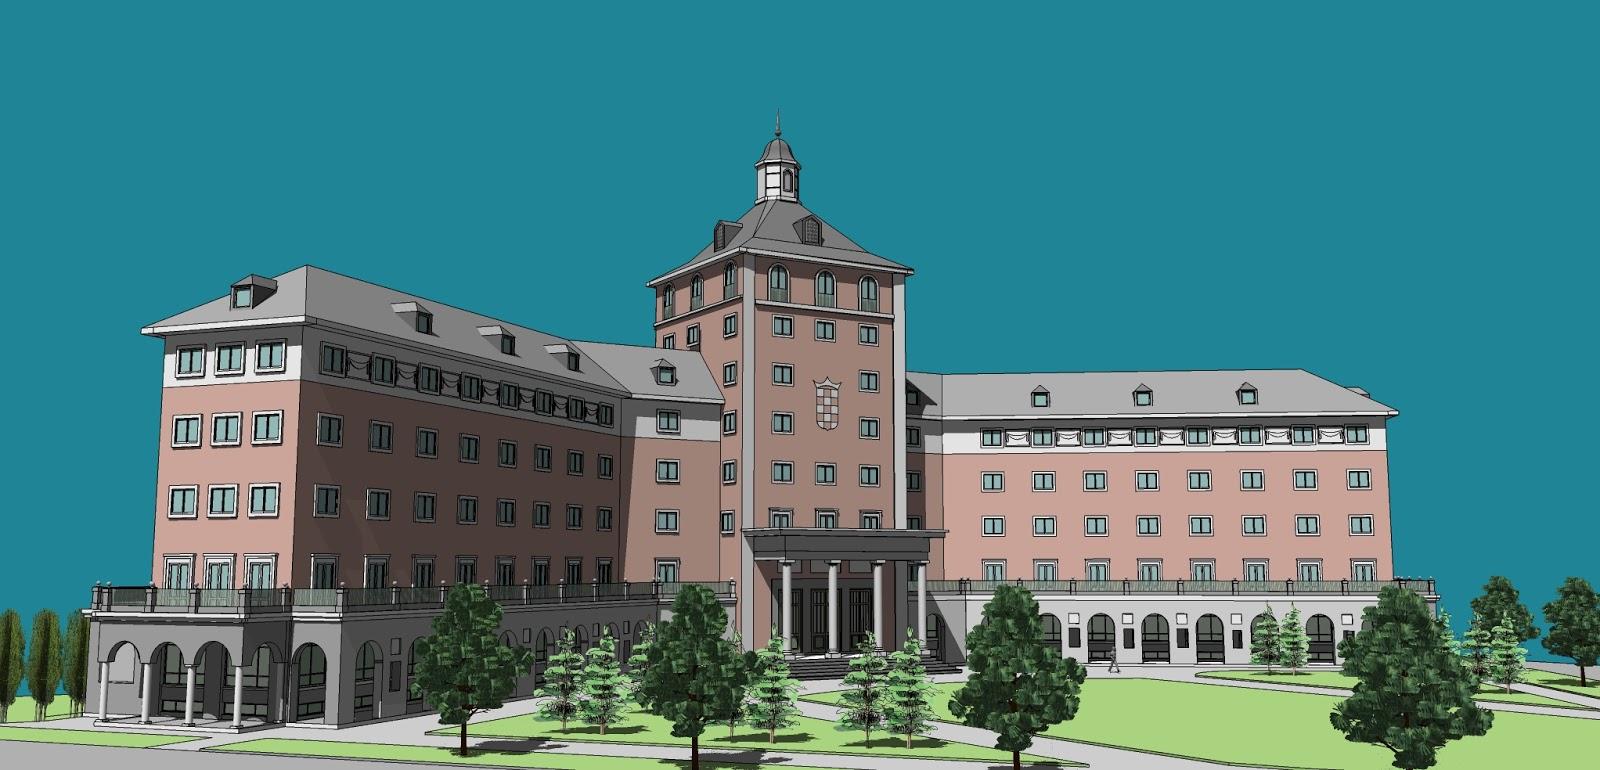 Edificios y m quinas colegio mayor jose antonio for Universidad complutense de madrid arquitectura